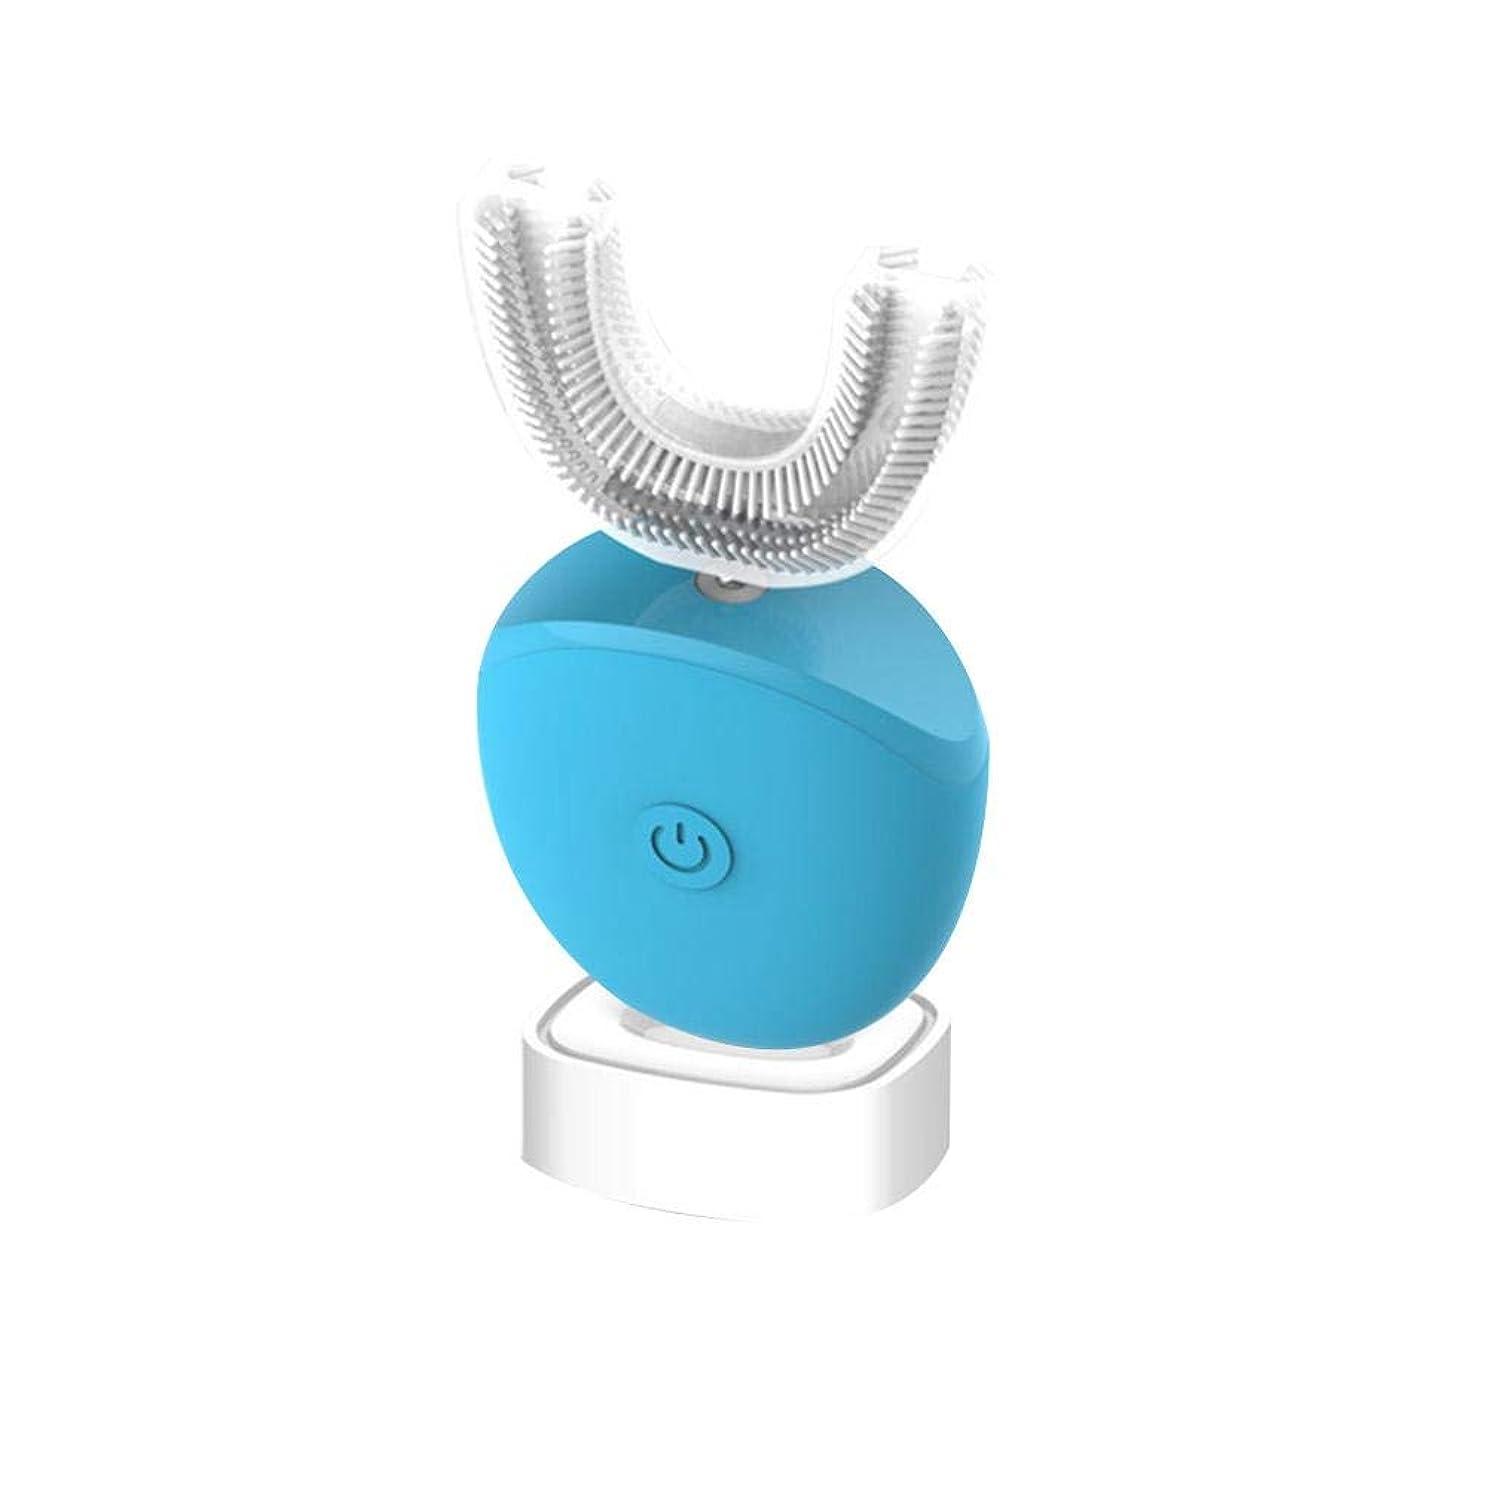 掻く純正イチゴclouday 360°超音波ブラシ 電動歯ブラシ U型 自動式 超音波 IPX7レベル防水 専門360°全方位 柔らかいシリコーンブラシヘッド 怠け者牙刷-電動 U型 超音波 全方位 自動歯ブラシ 家庭用 プレゼント trendy